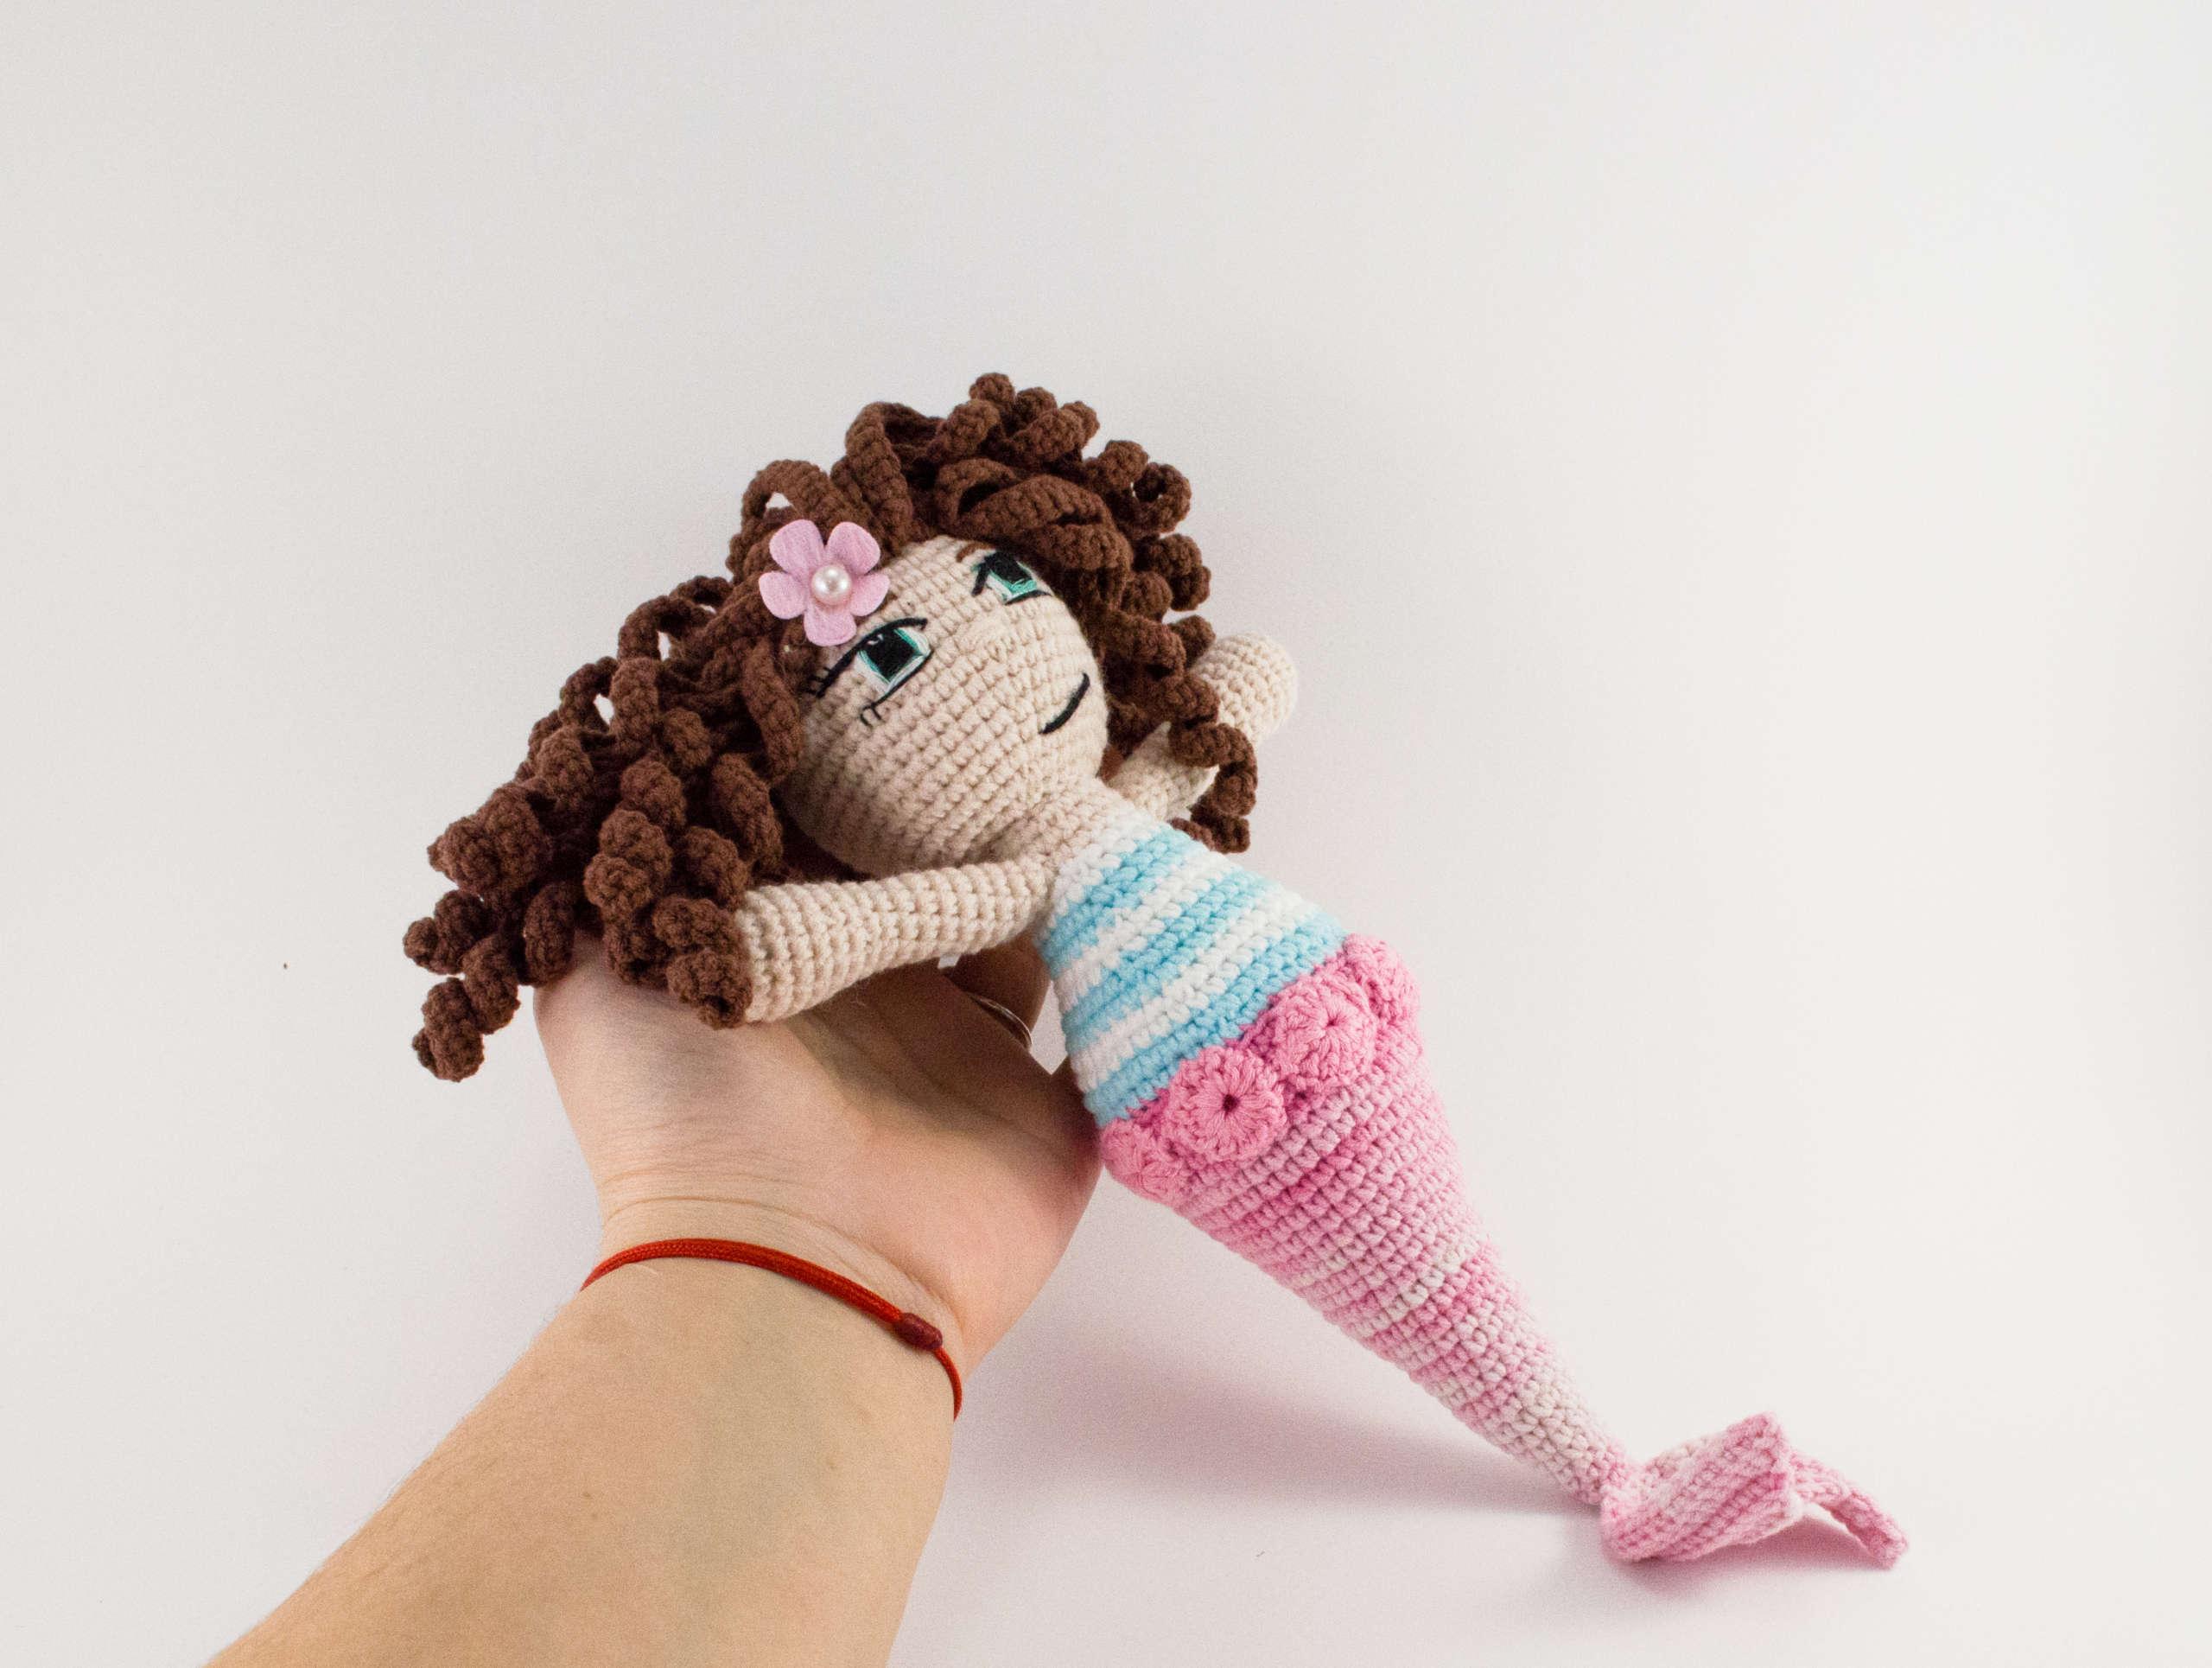 crochet sea siren side view